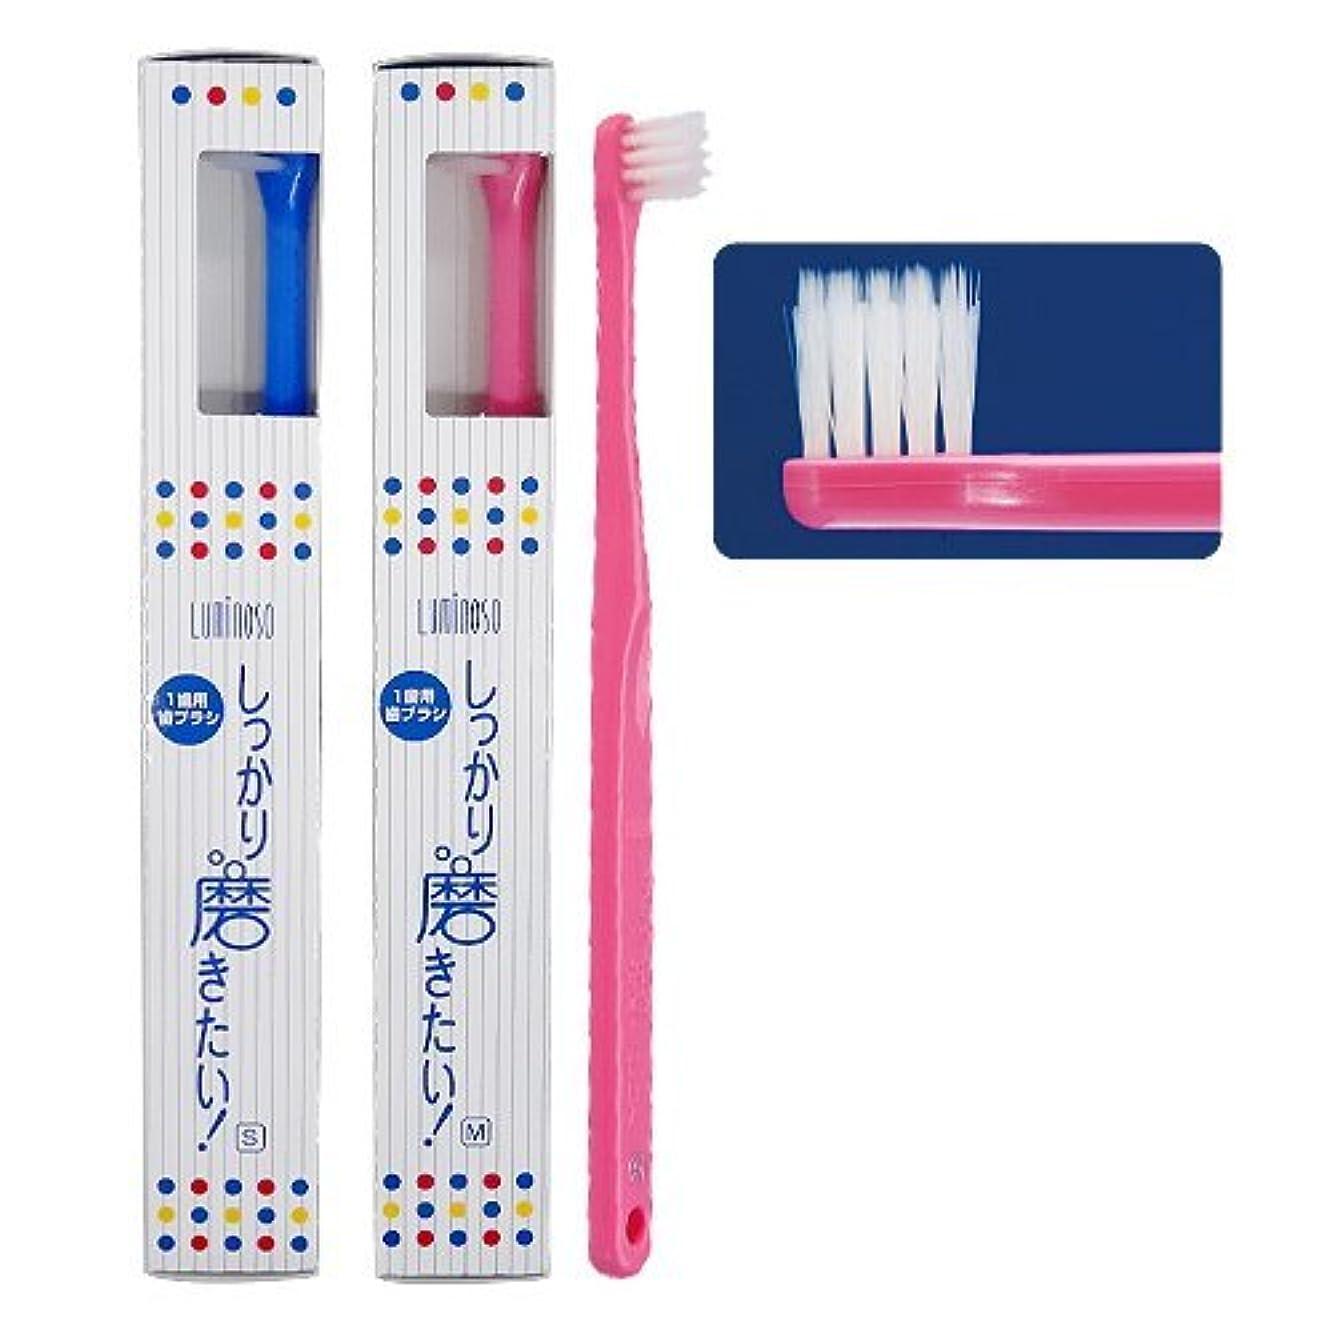 文庫本ビーチ論理ルミノソ 1歯用歯ブラシ「しっかり磨きたい!」スタンダード ミディアム (カラー指定不可) 10本